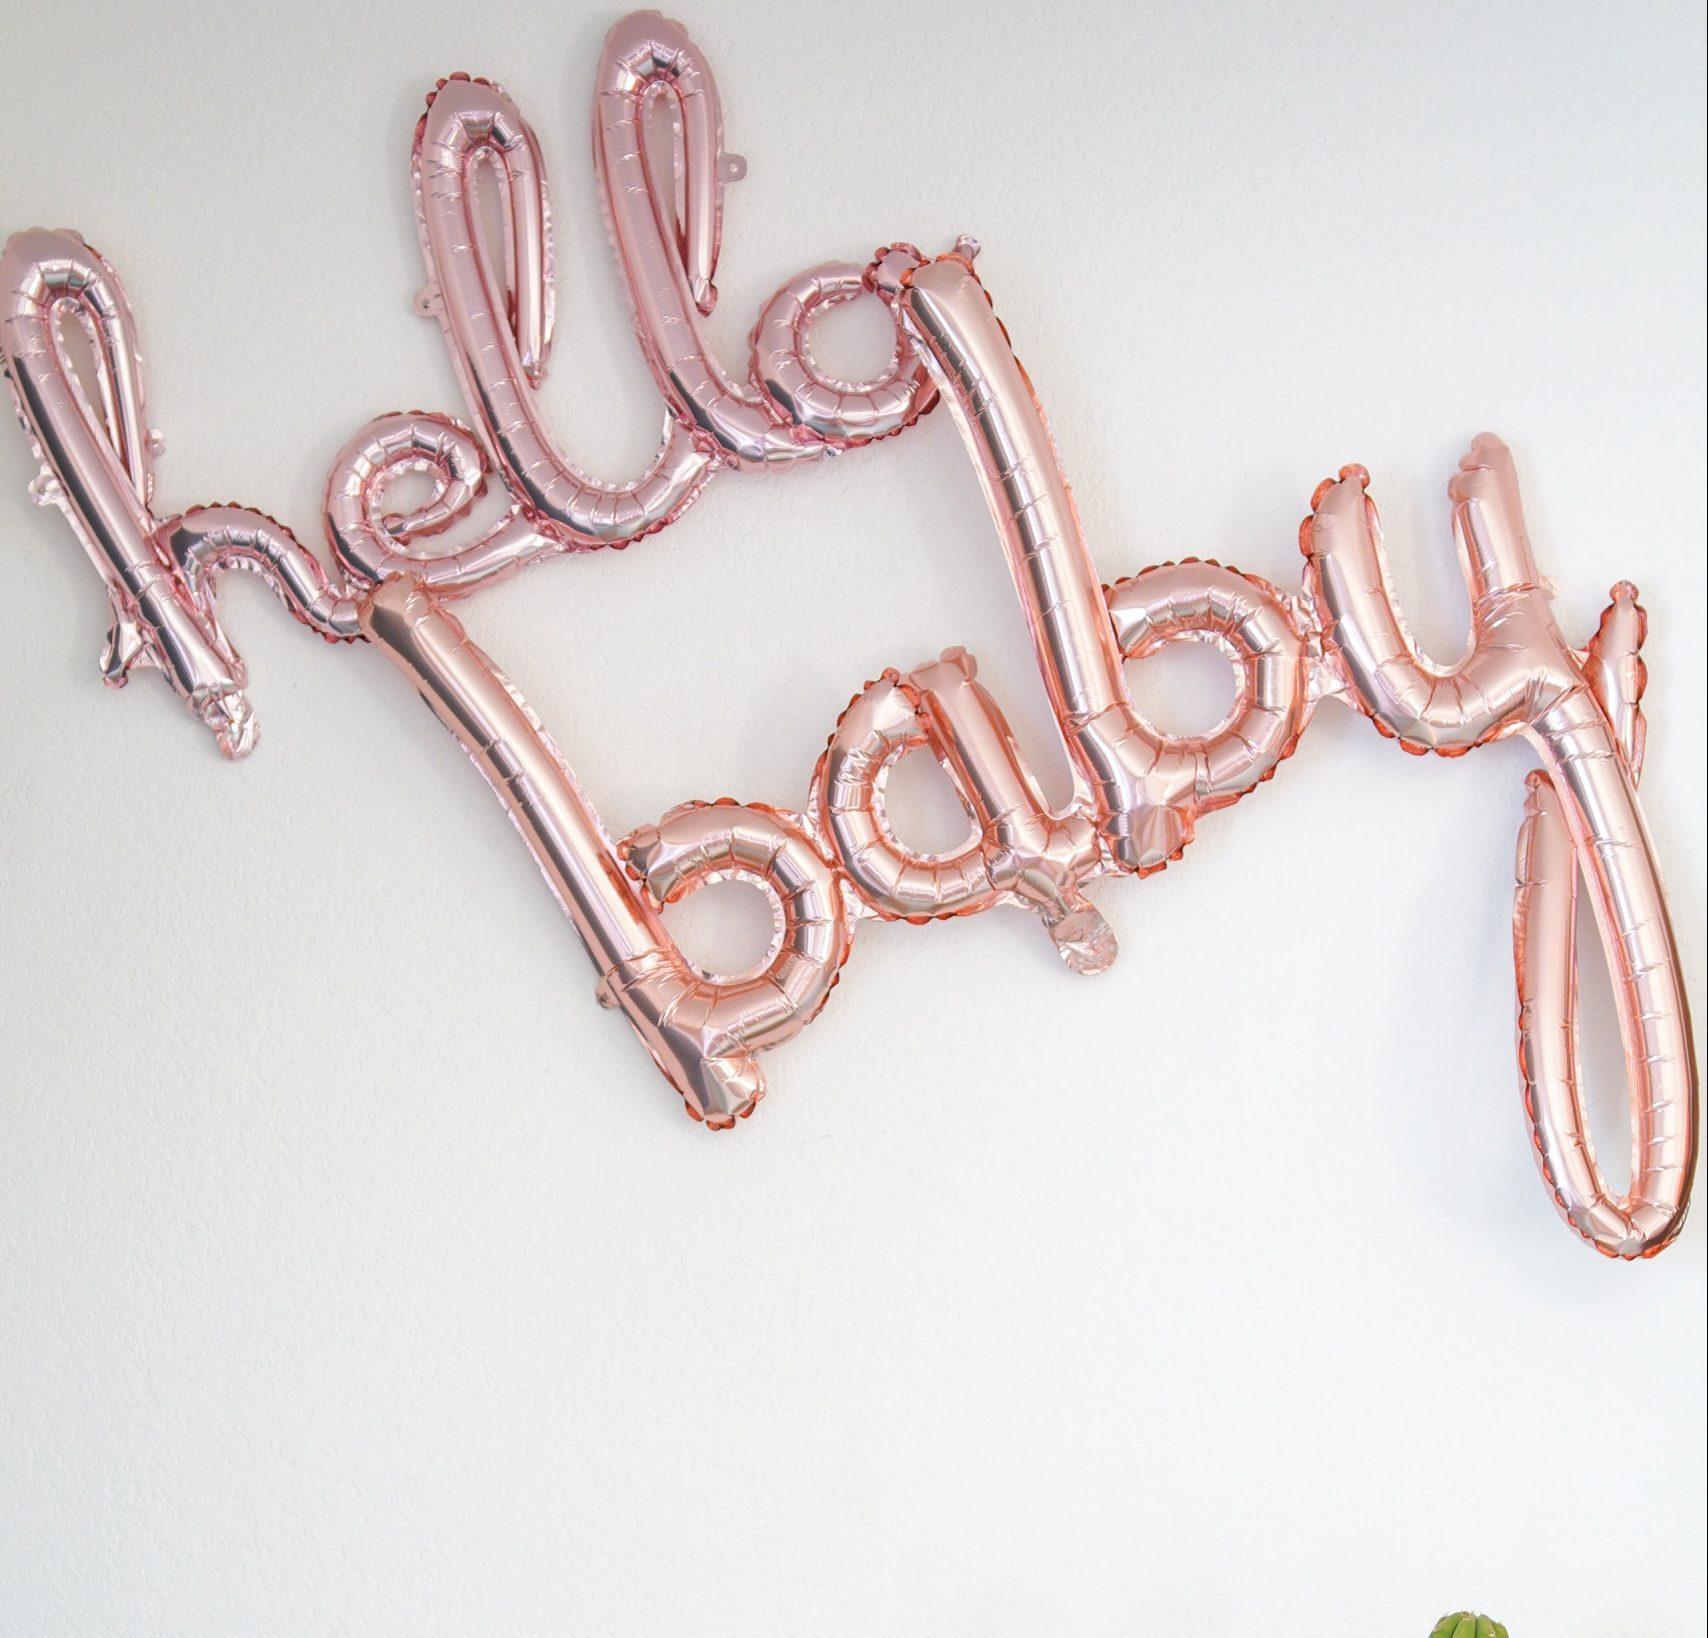 Näin järjestät onnistuneet babyshowerit eli vauvakutsut